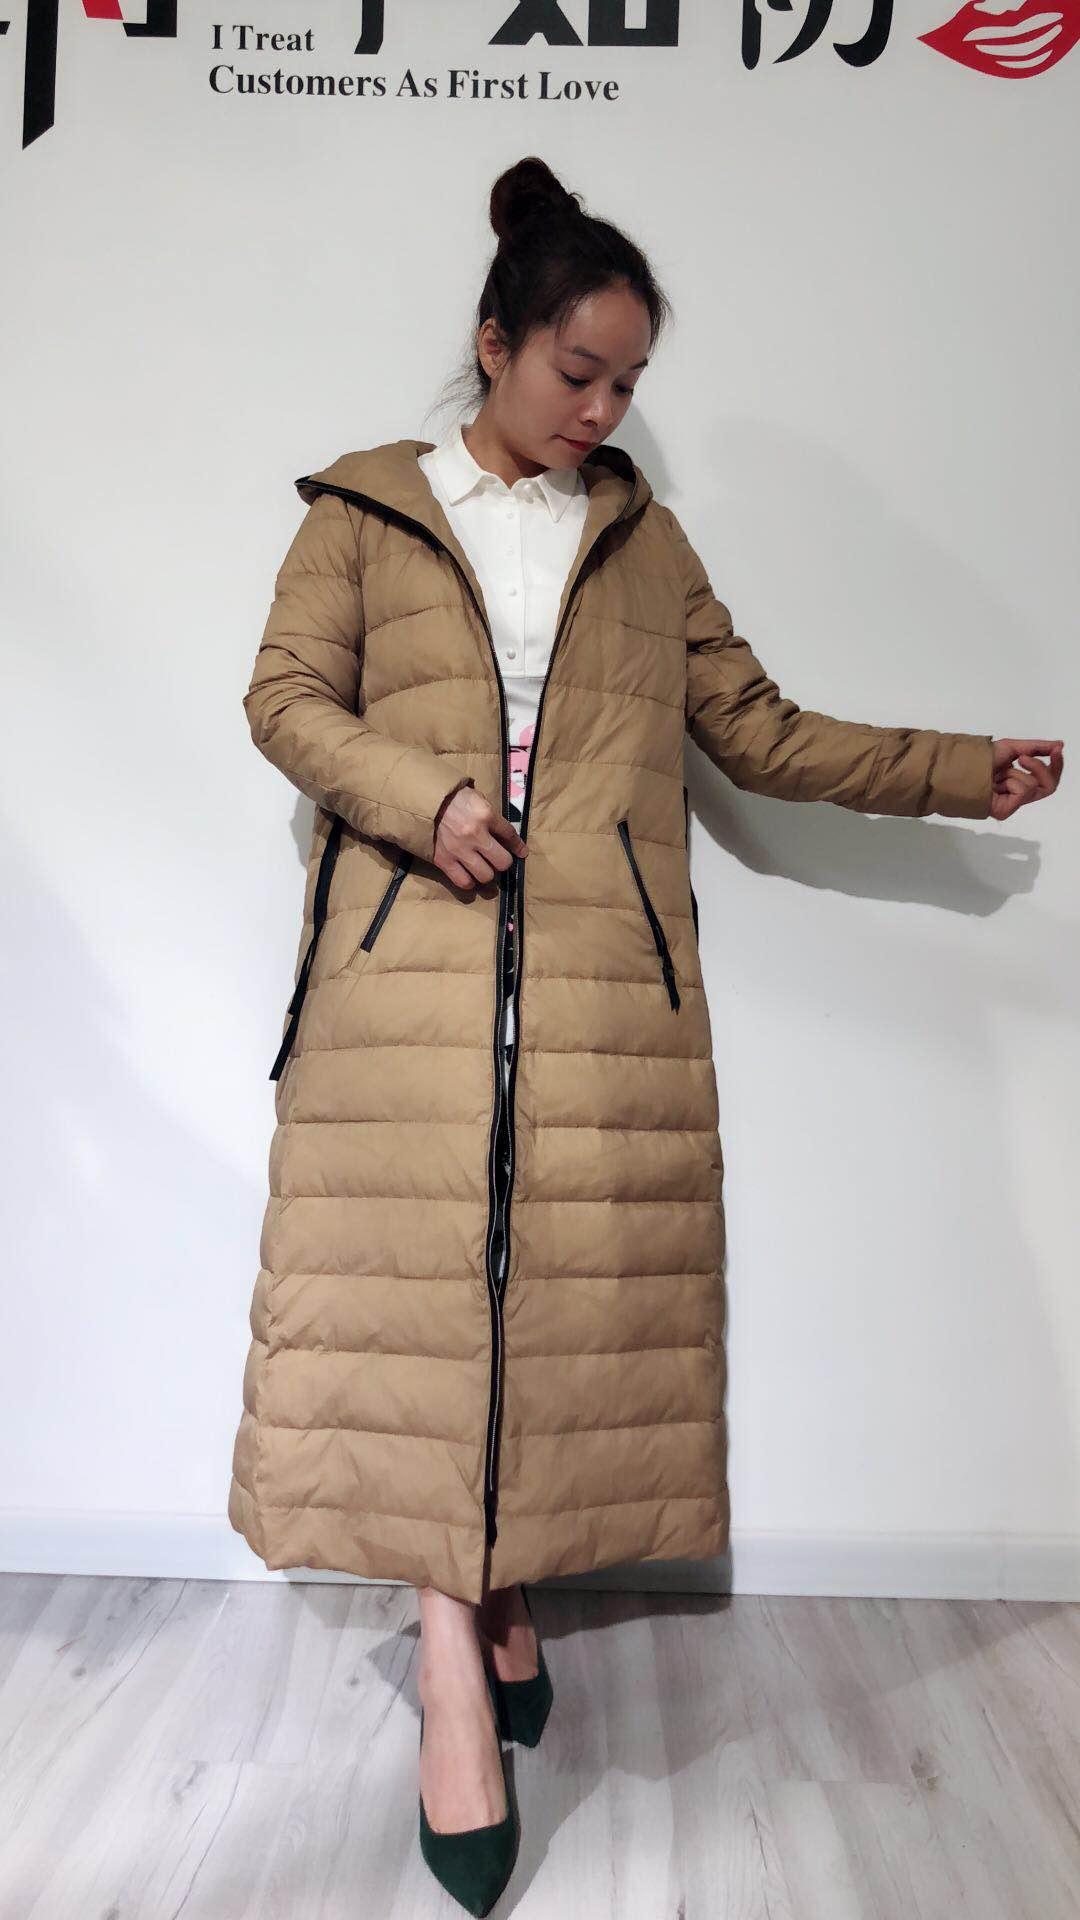 深圳高端品牌 纯手工刺绣花女装连衣裙品牌折扣女装批发 艾薇萱供应